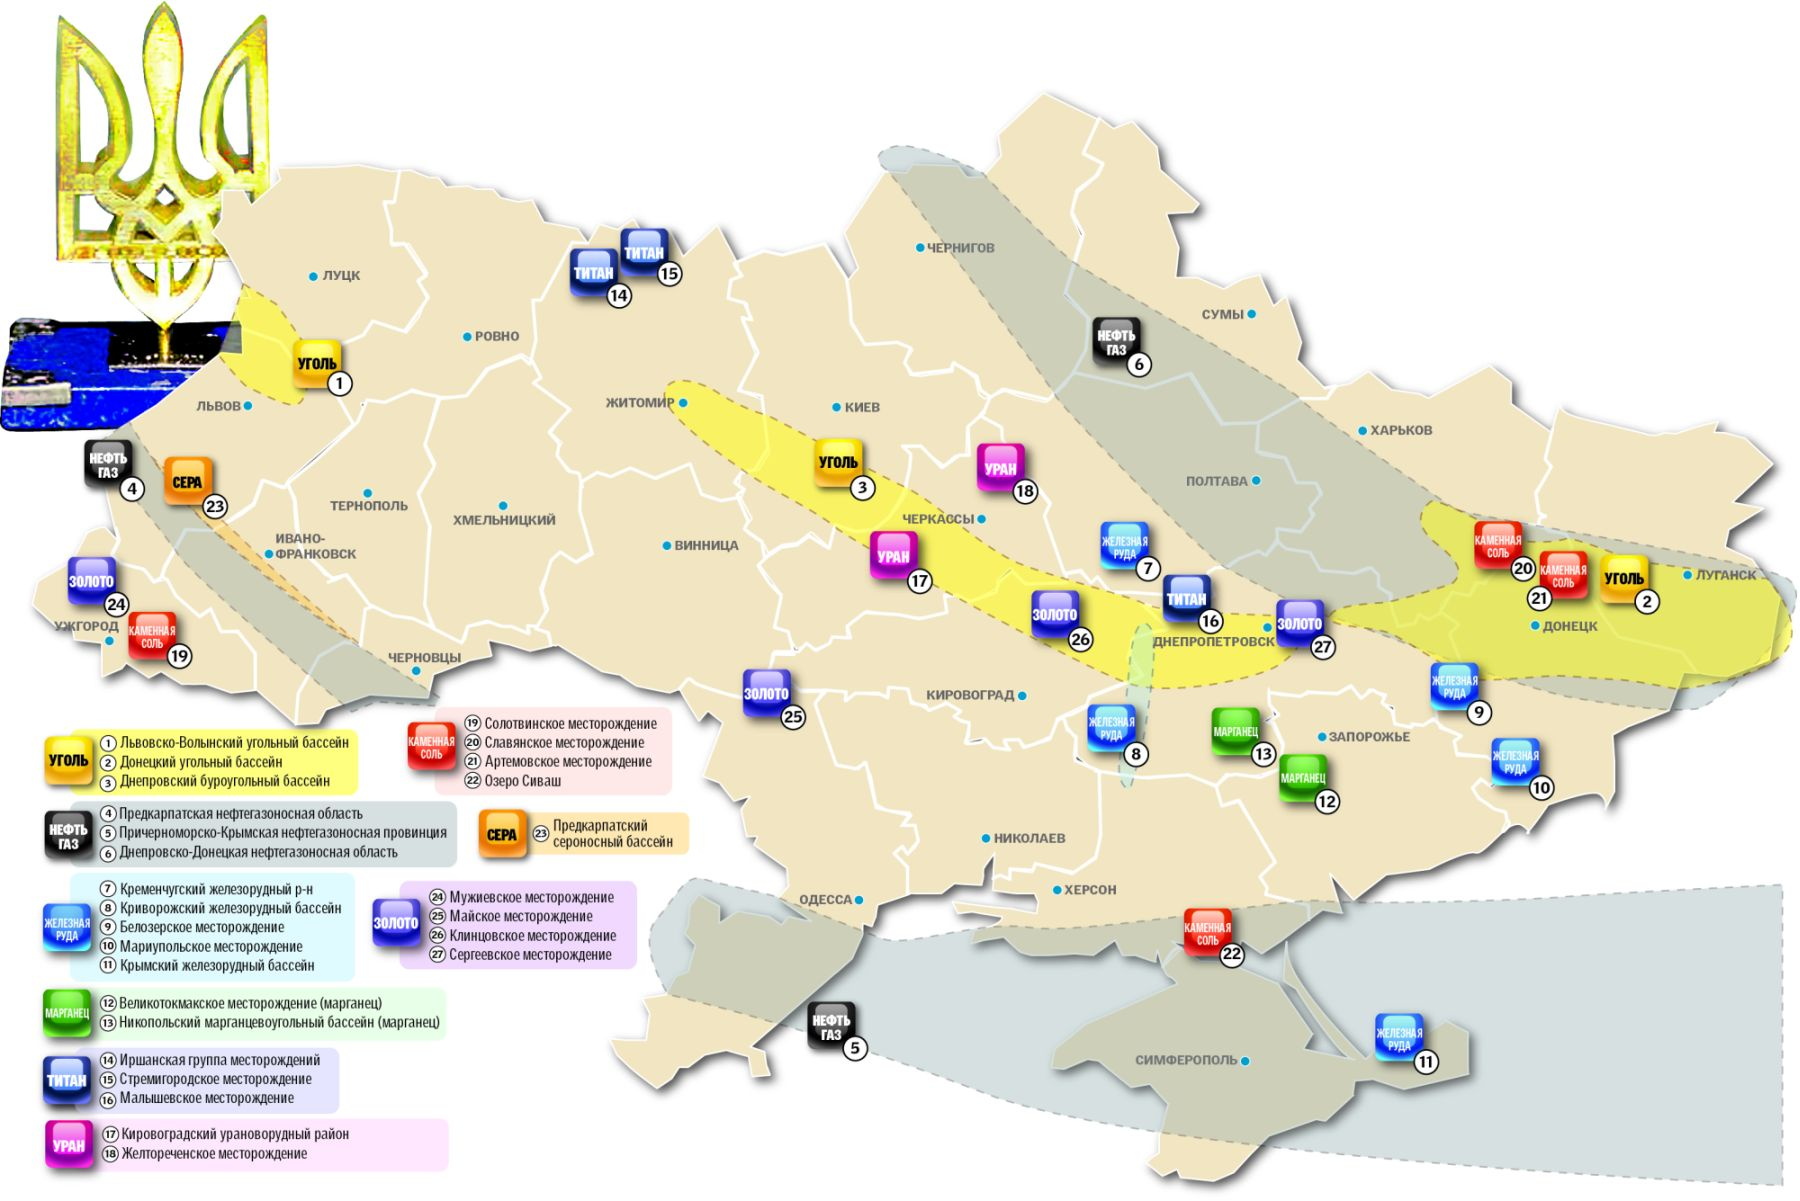 Предоплаченного Украиной газа осталось на двое суток. Конфликты прежних лет никому не нужны, - Путин - Цензор.НЕТ 5392